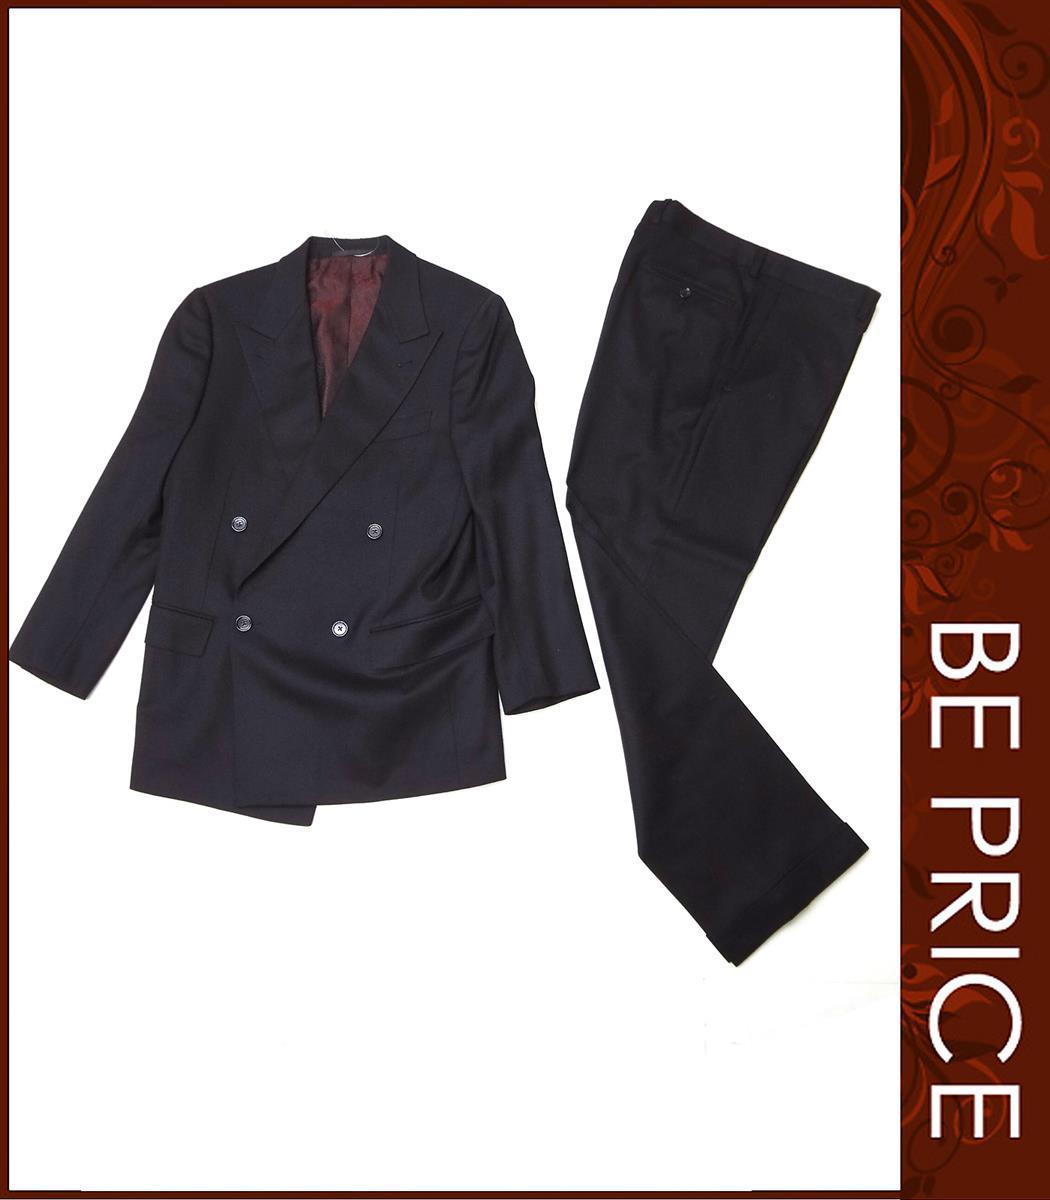 エルメネジルドゼニア スーツ 【エルメネジルドゼニア】スーツ メンズ ブラック